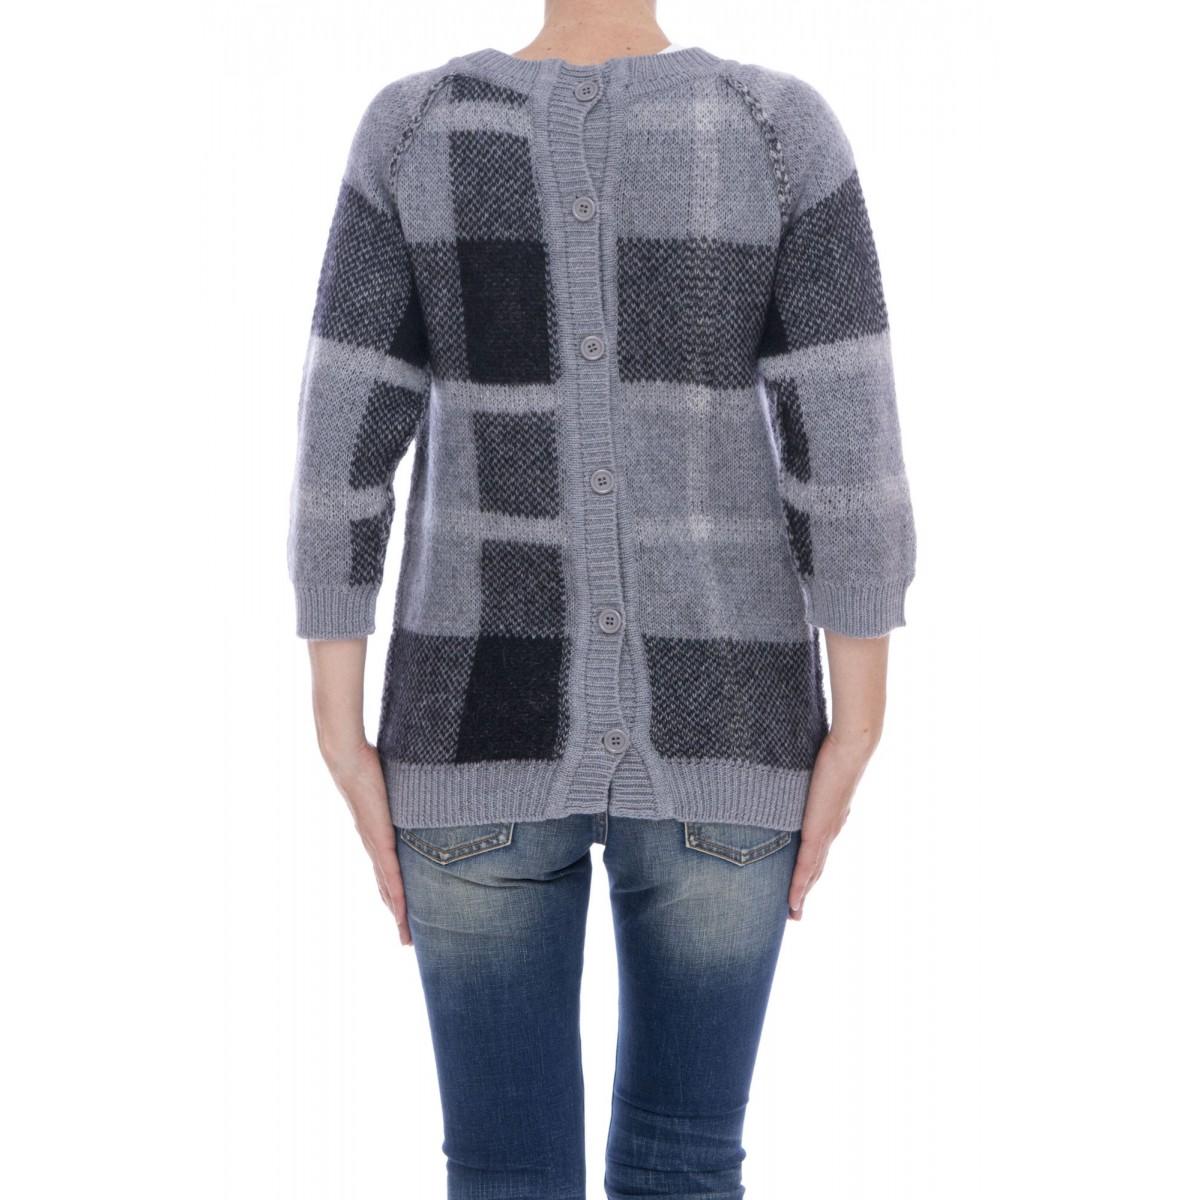 Maglia donna Woolrich - Ww mag1615 maglia crew neck